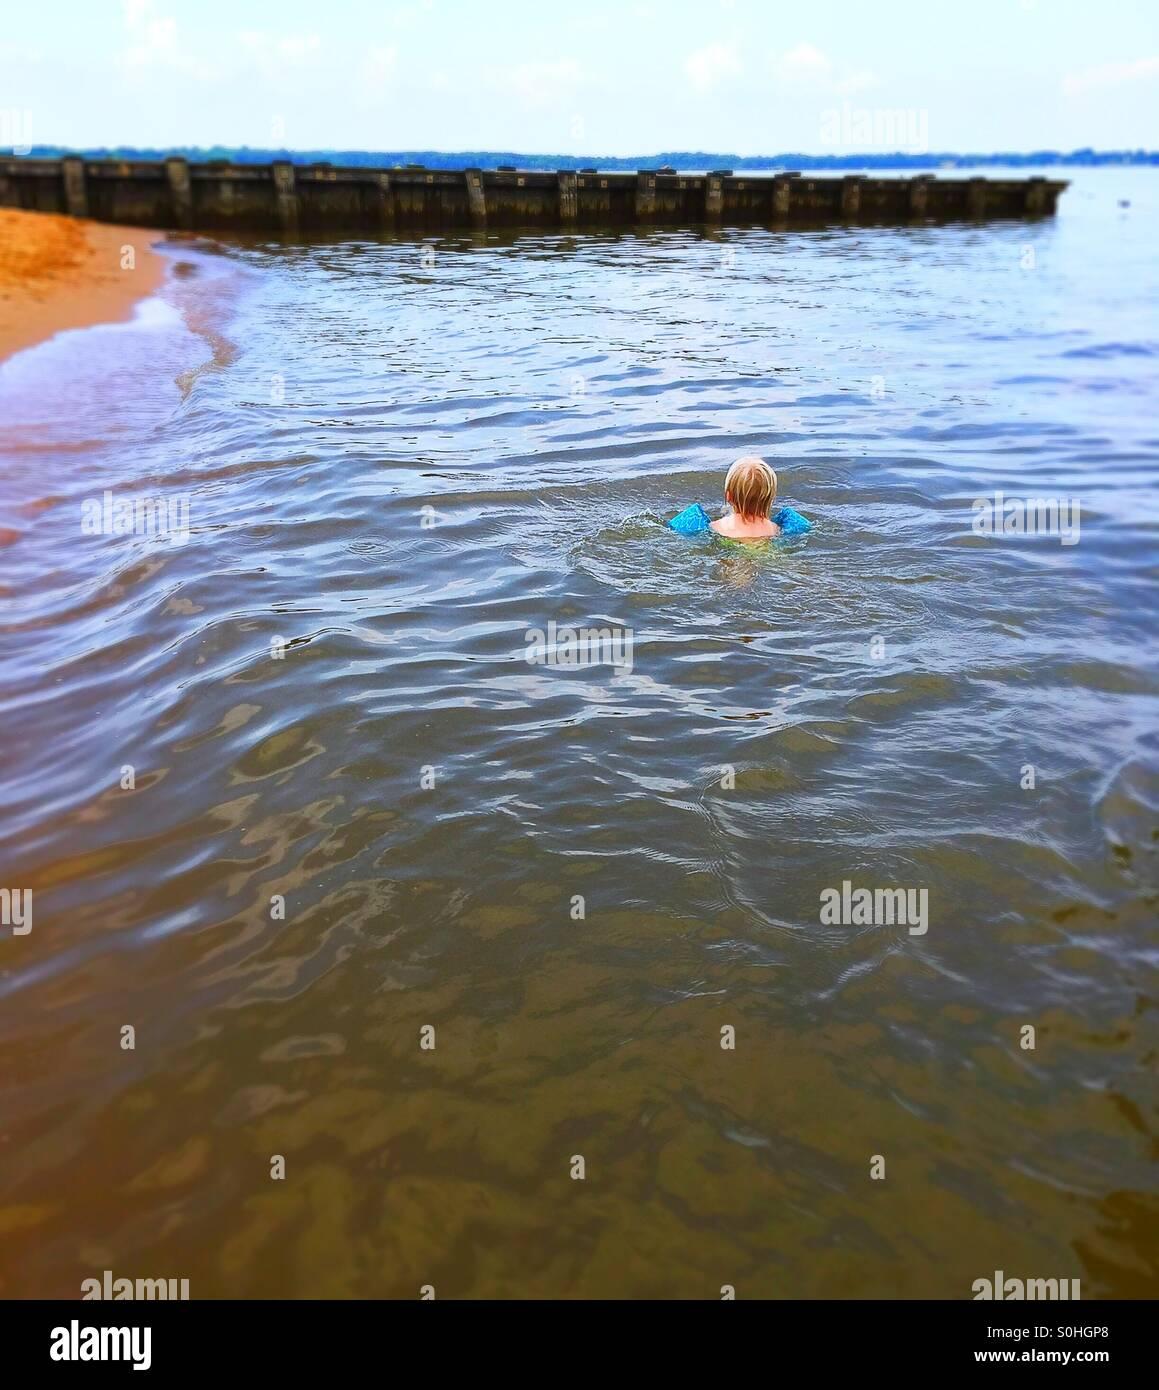 Kleinkind Schwimmen im Fluss Schießpulver Stockbild